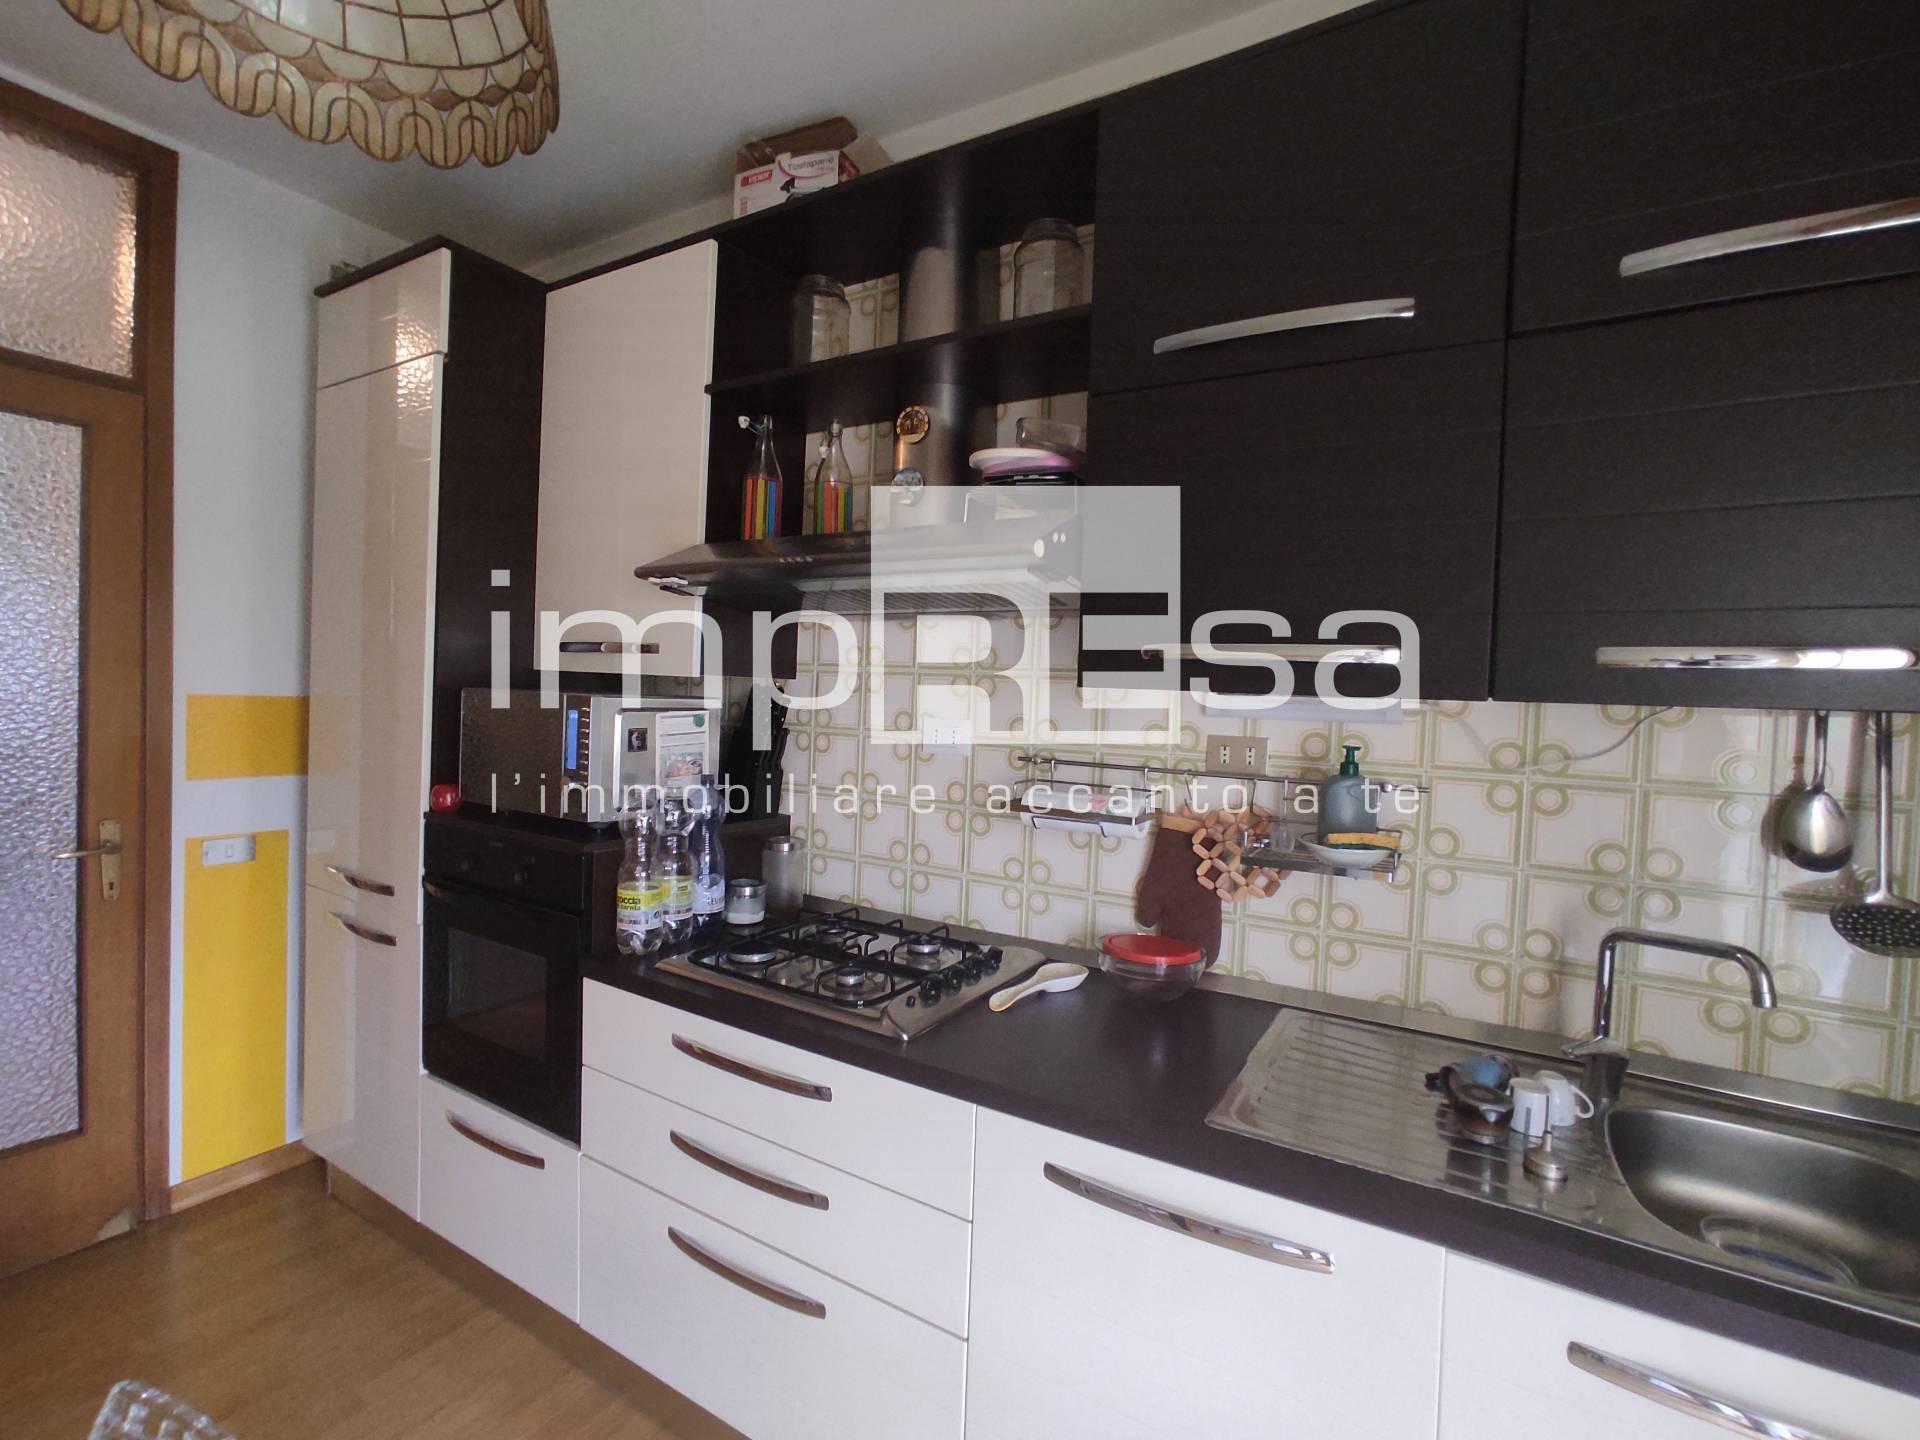 Appartamento in vendita a Preganziol, 4 locali, prezzo € 108.000   CambioCasa.it